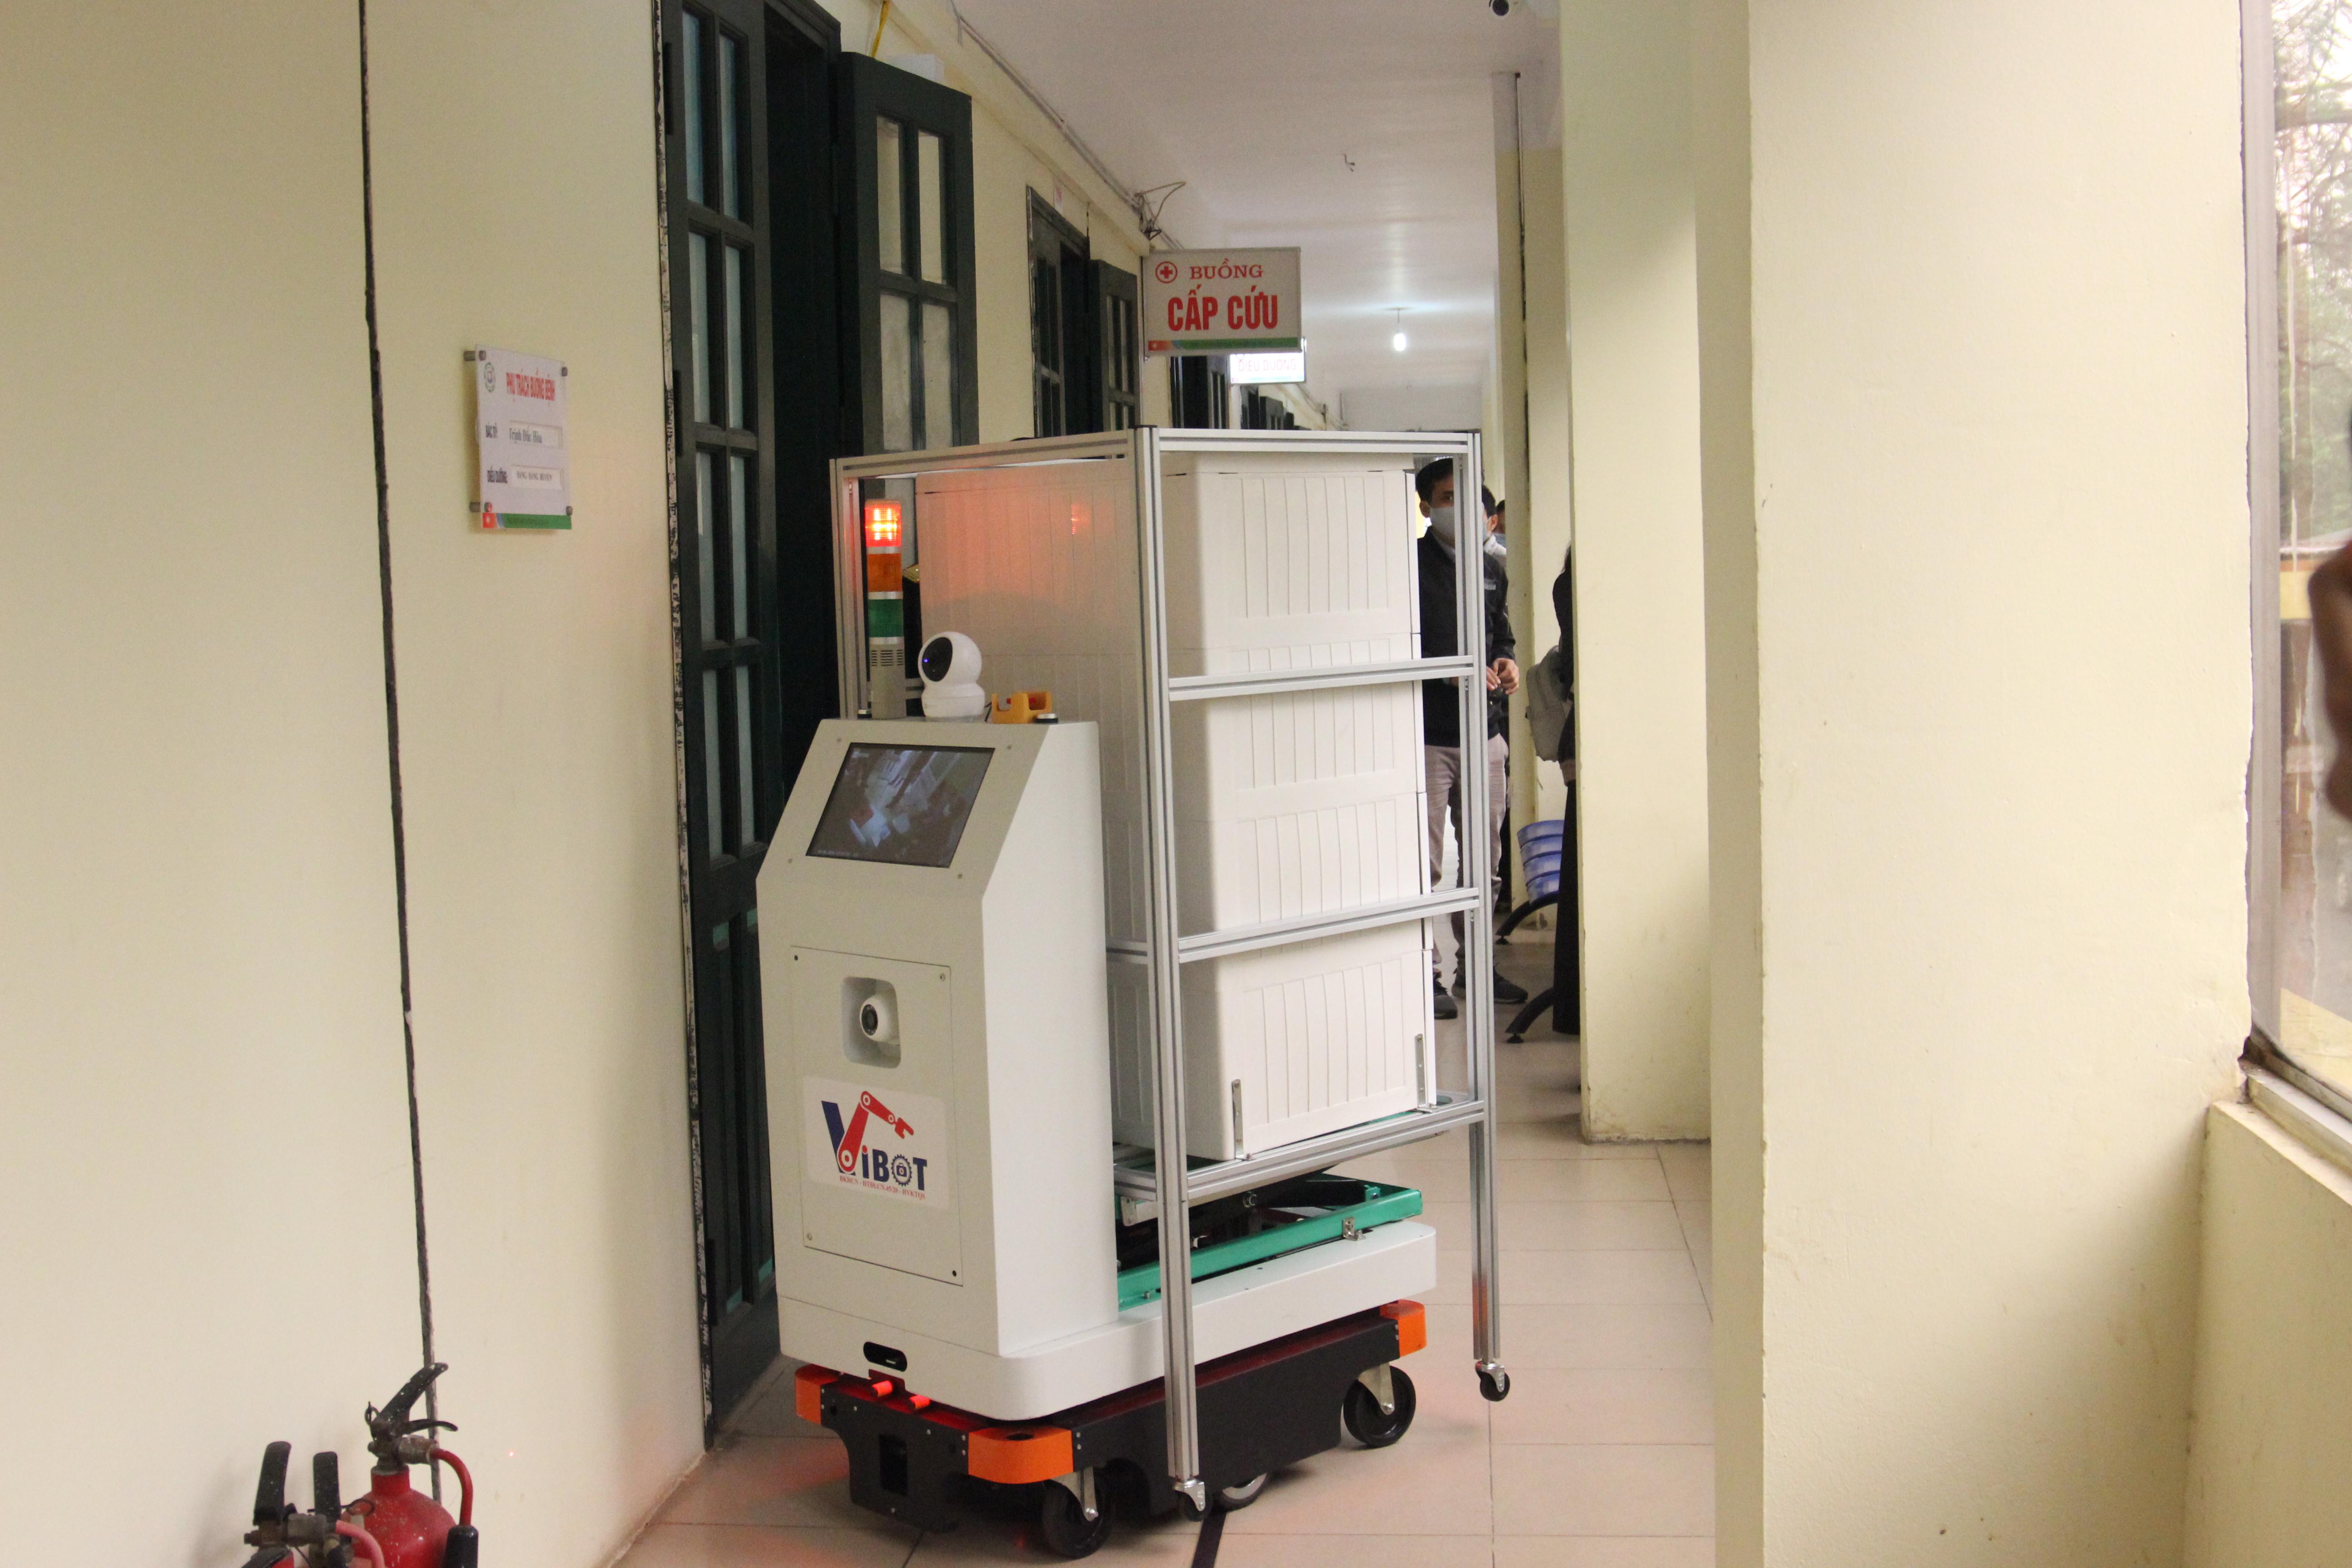 Robot VIBOT-1a của Học viện Kỹ thuật Quân sự chạy thử nghiệm giao thuốc và thức ăn tại các phòng bệnh của Bệnh viện Bắc Thăng Long tháng 4/2020. Ảnh: BN